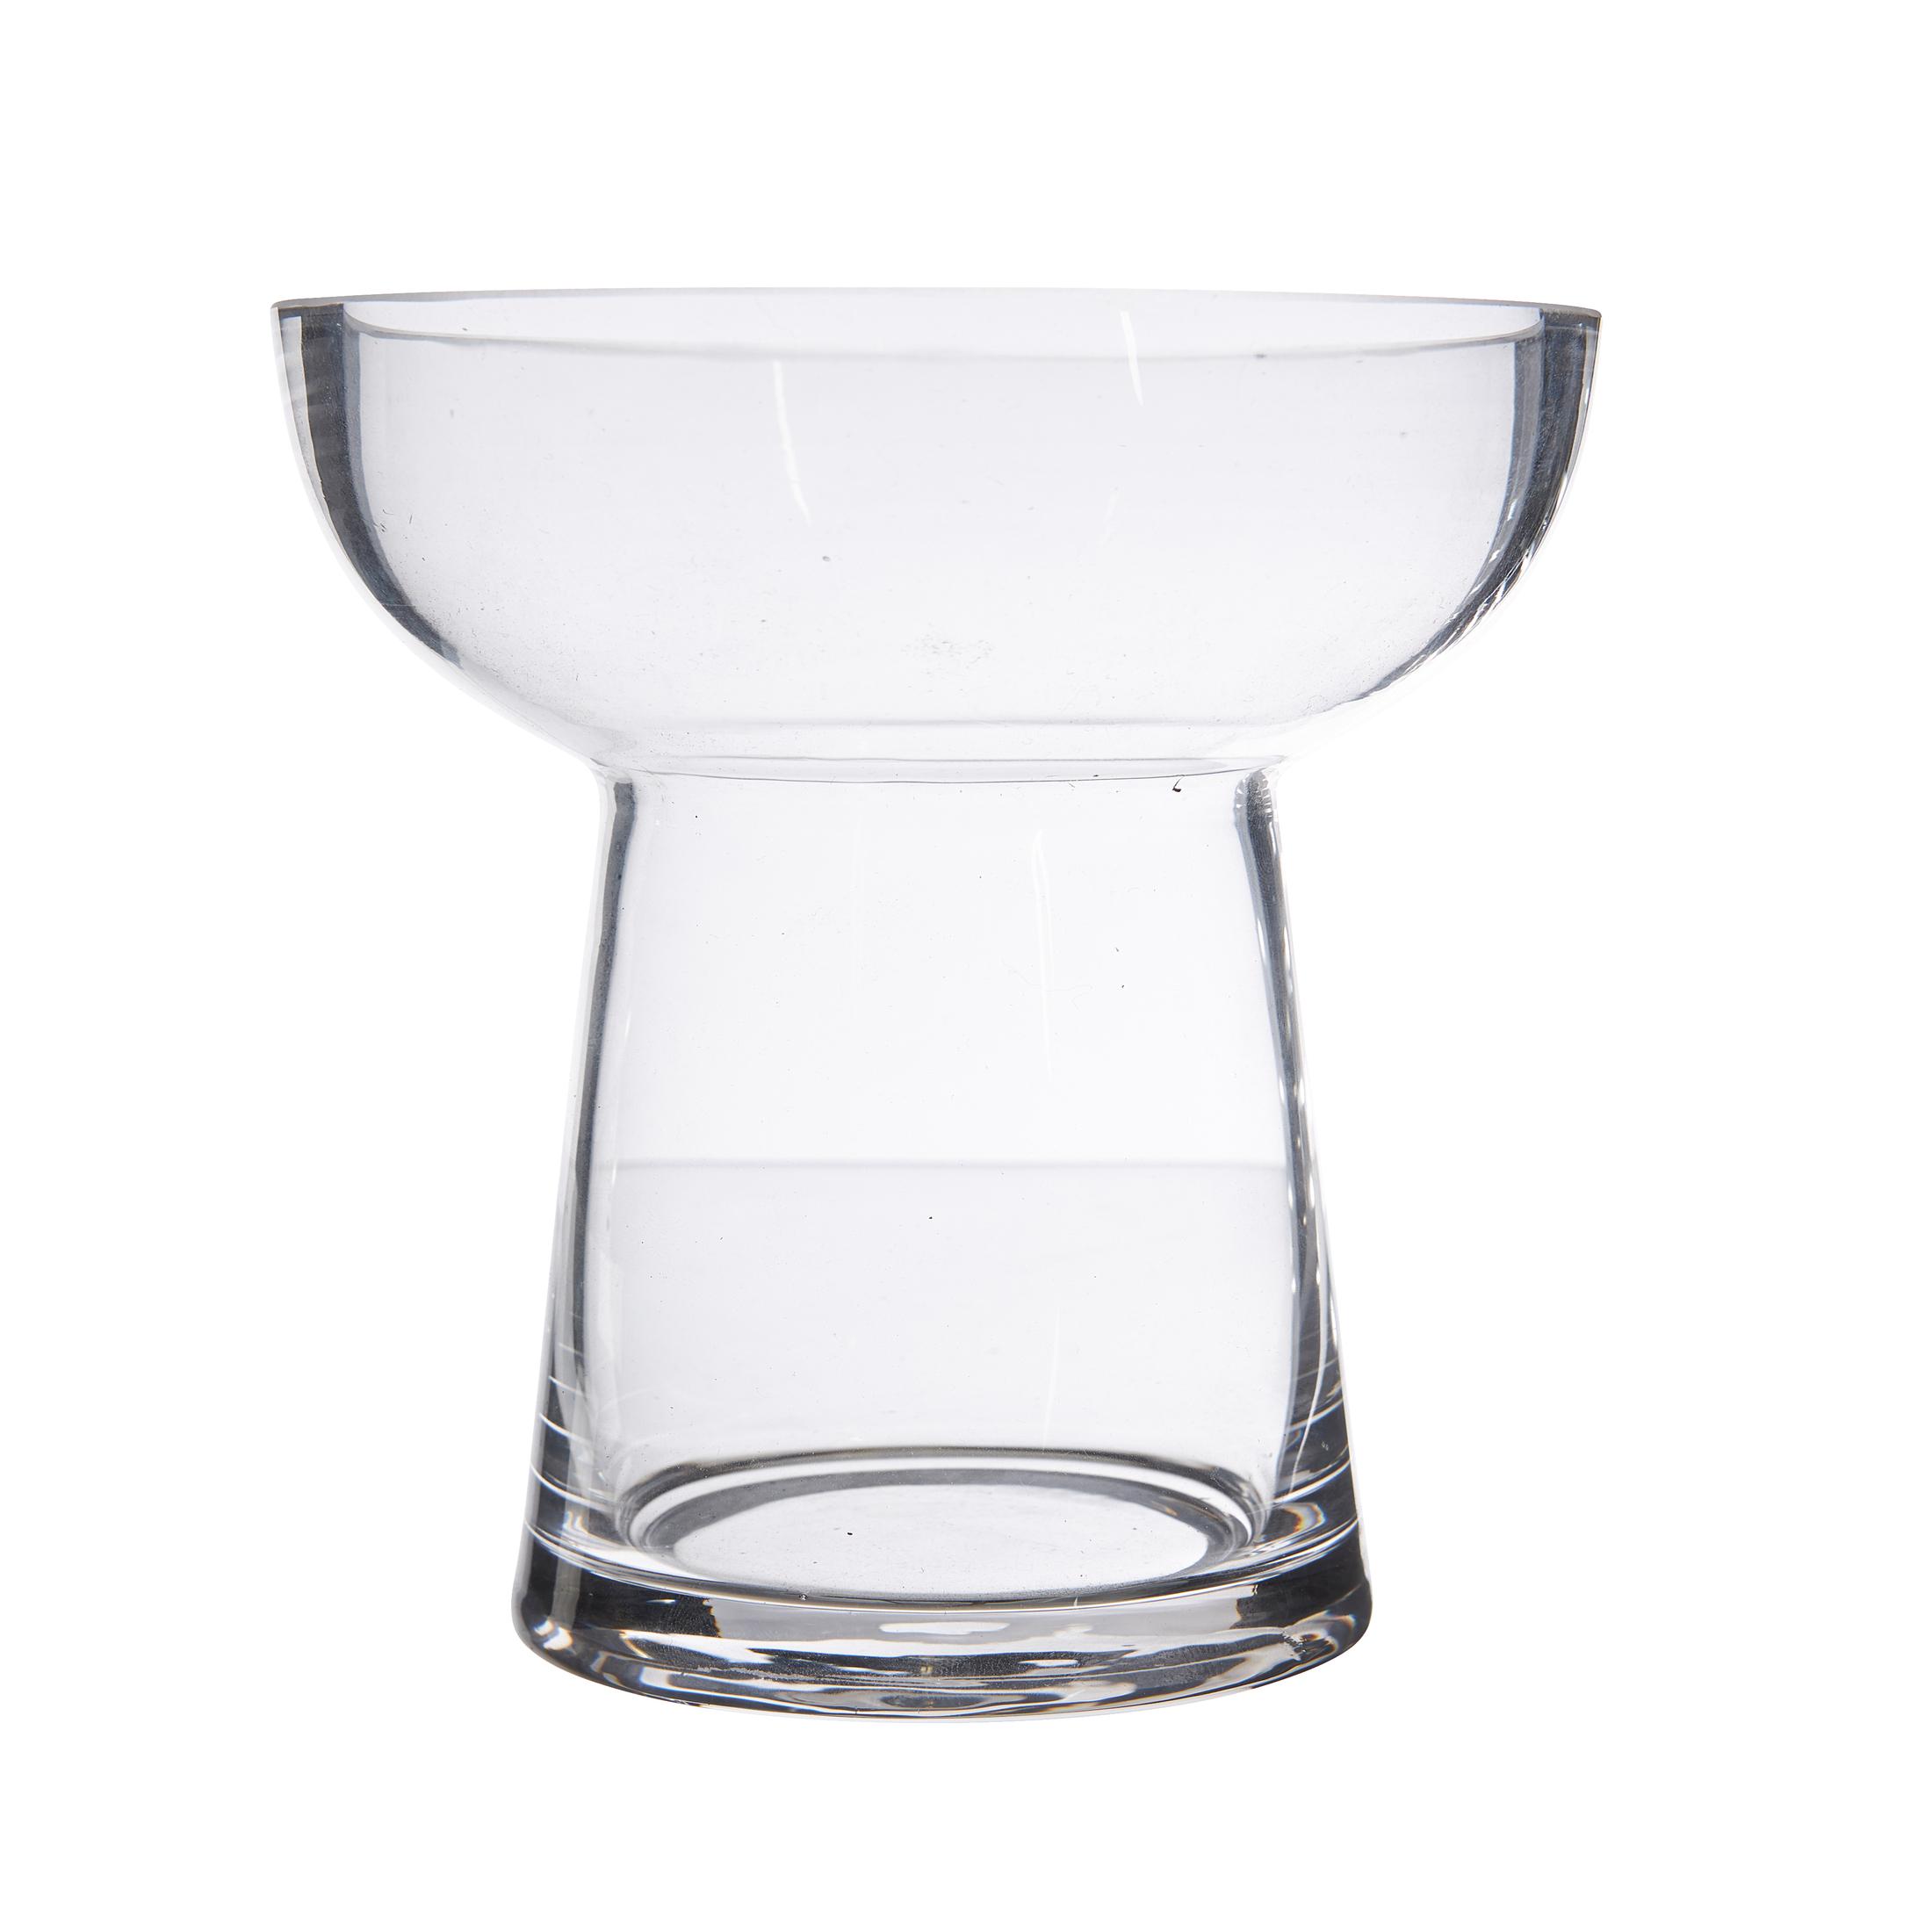 Produktbild på Hyacintglas